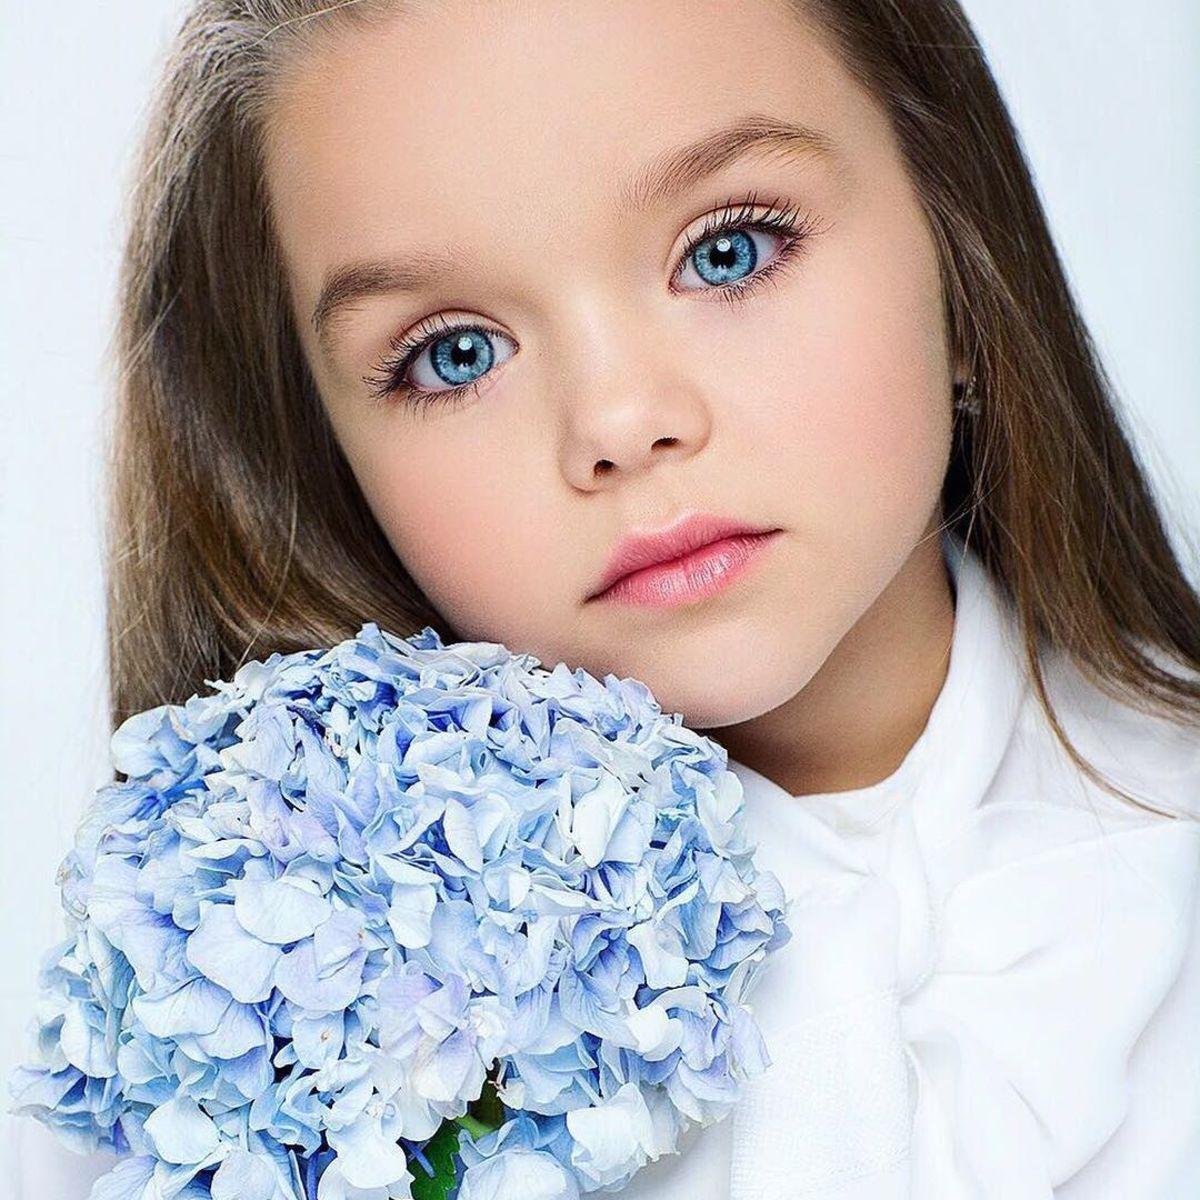 صور أطفال جميلة 2020 5